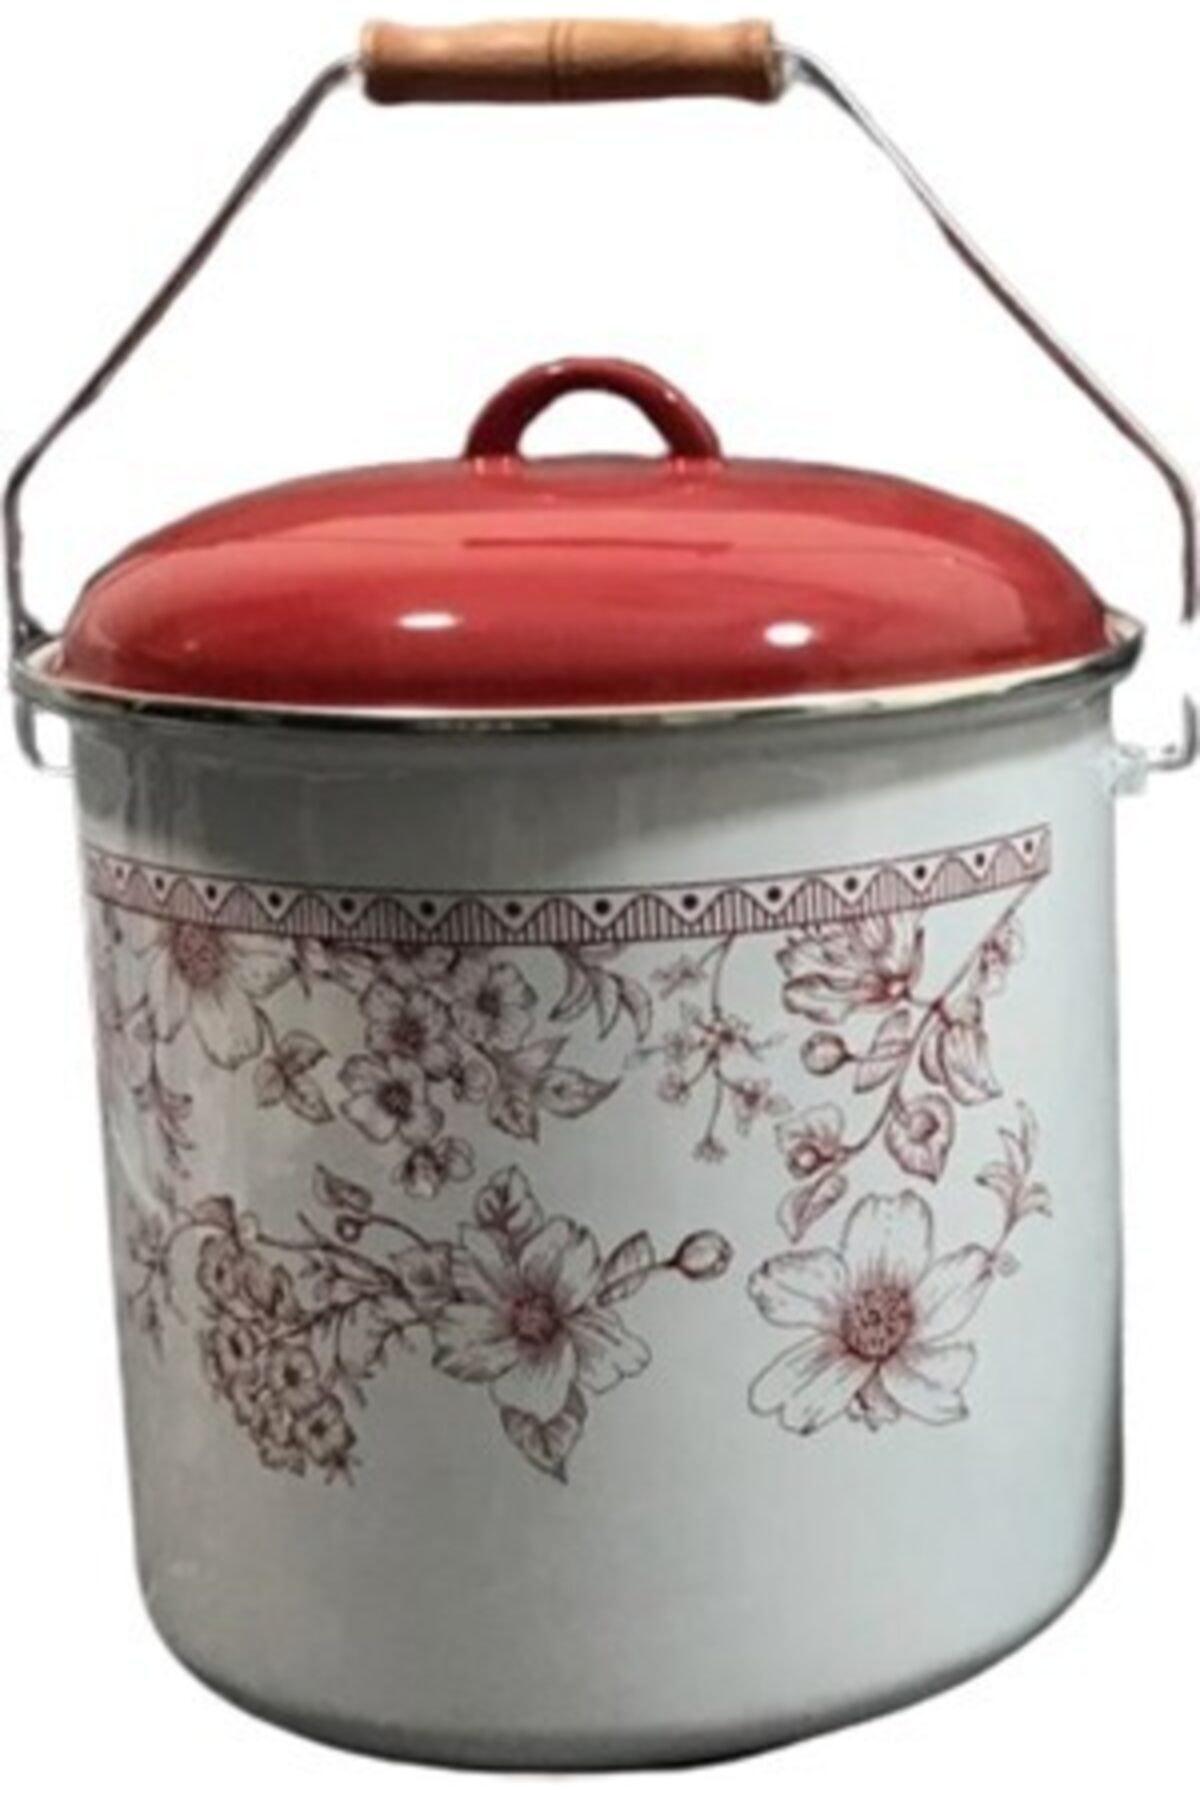 Cooker Kırmızı Emaye Bakraç 20 cm 1